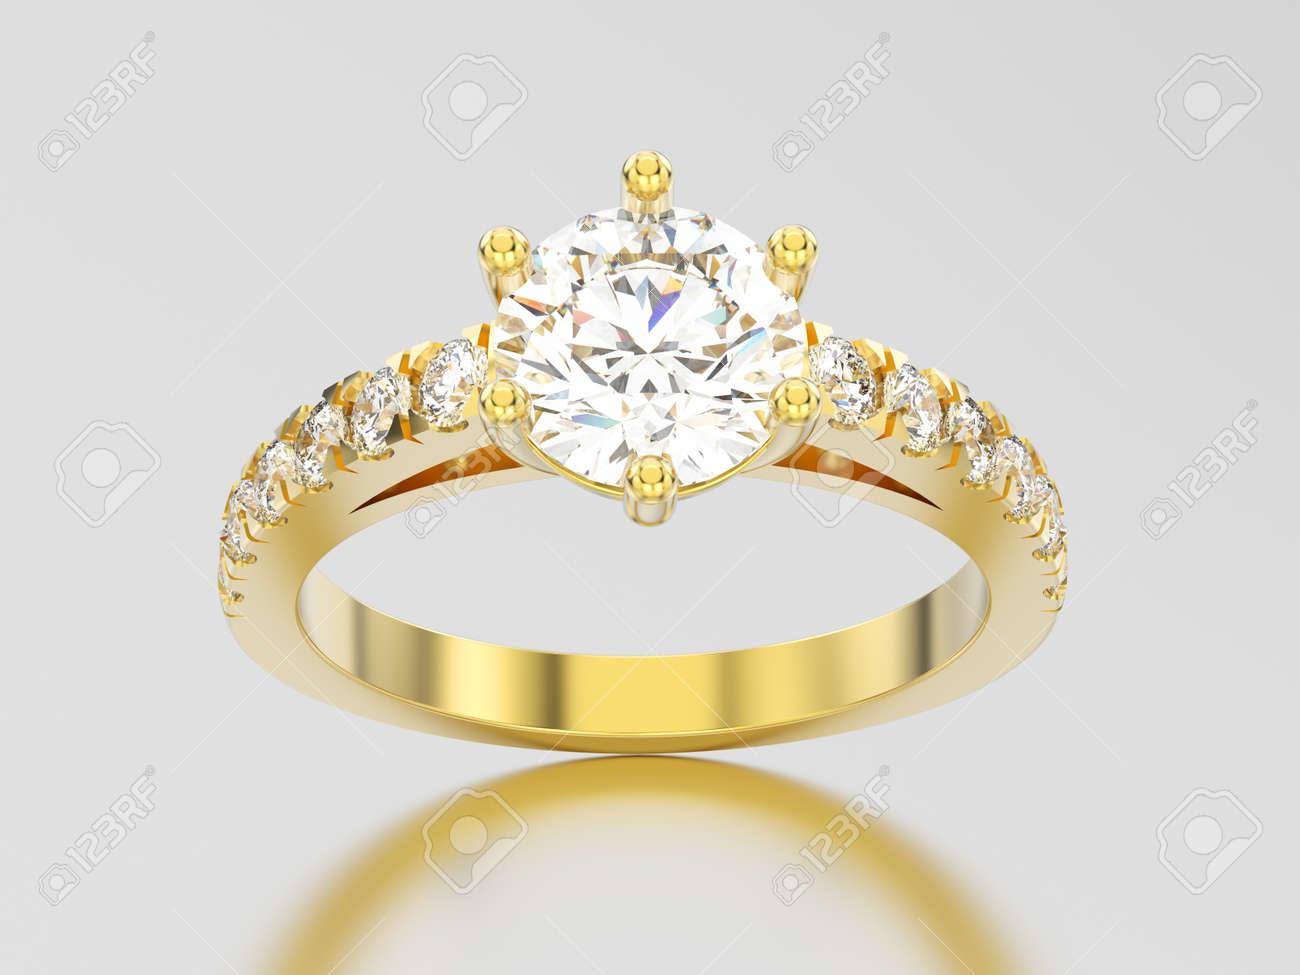 95ab23f4baf5 Anillo de diamante de compromiso de oro amarillo de ilustración 3D con  sombra y reflexión sobre